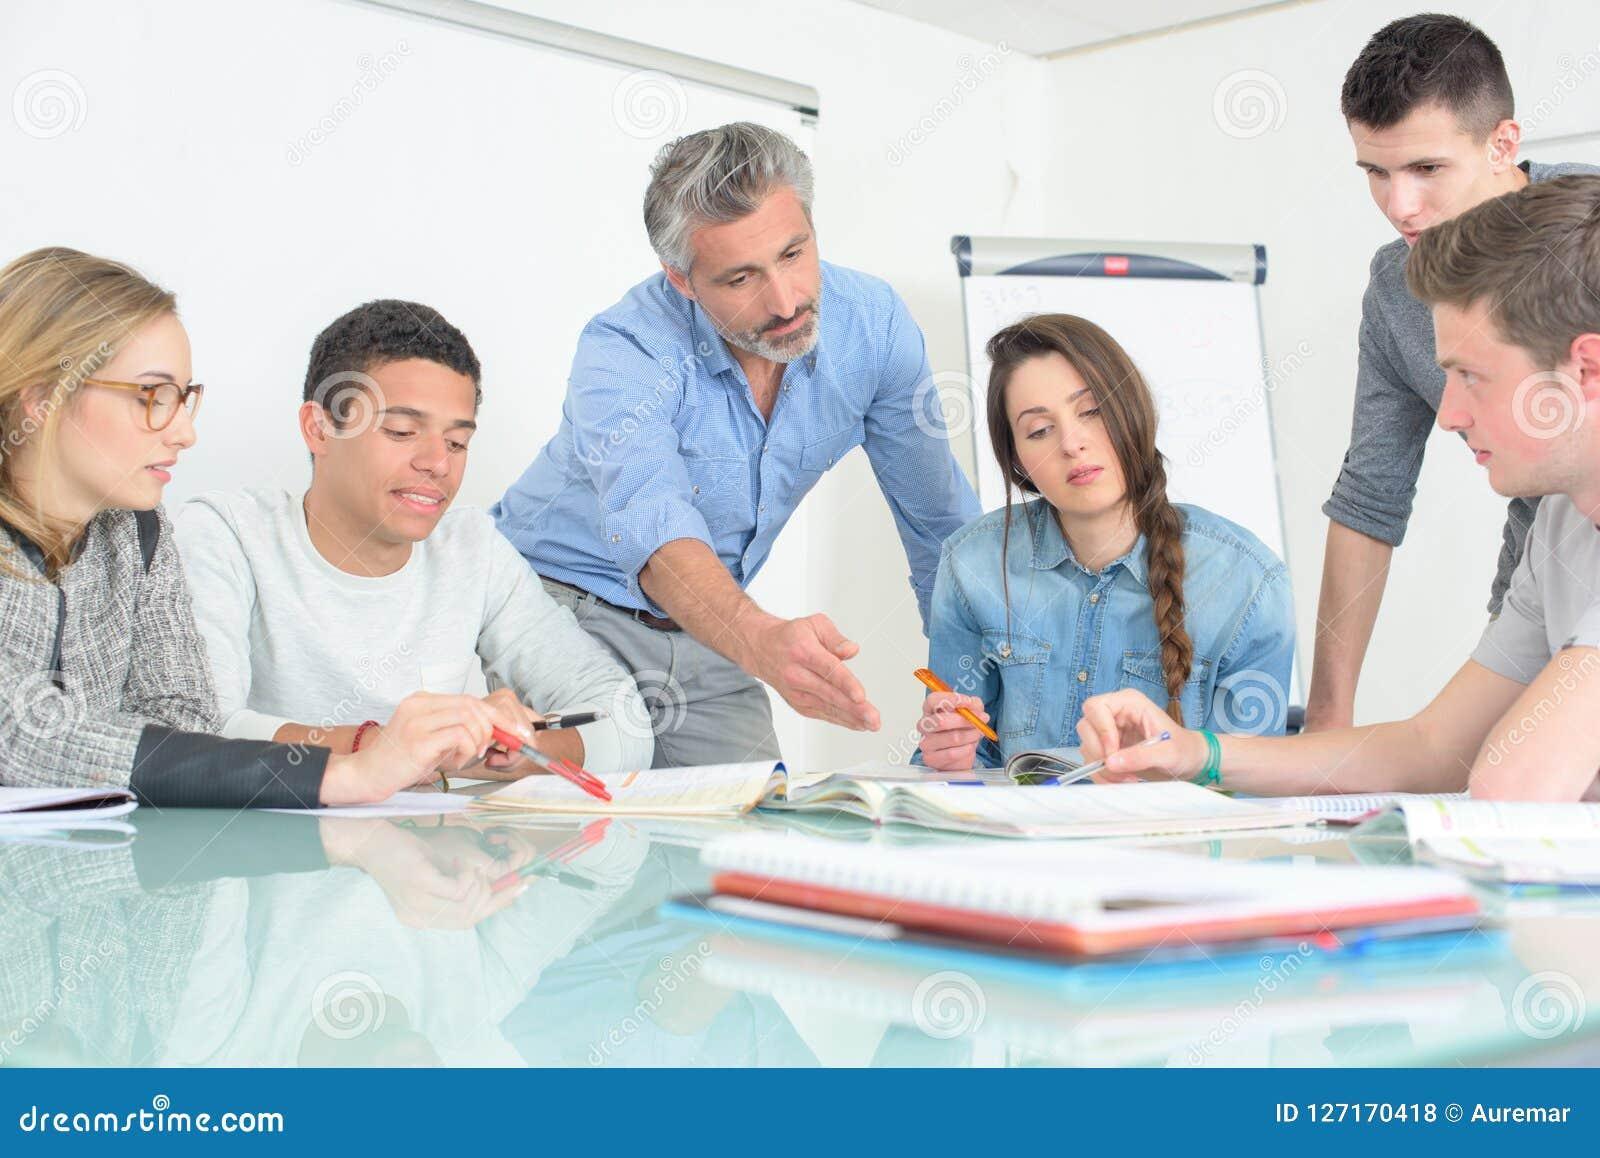 La gente joven que el profesor discute comunica la sala de clase de la universidad